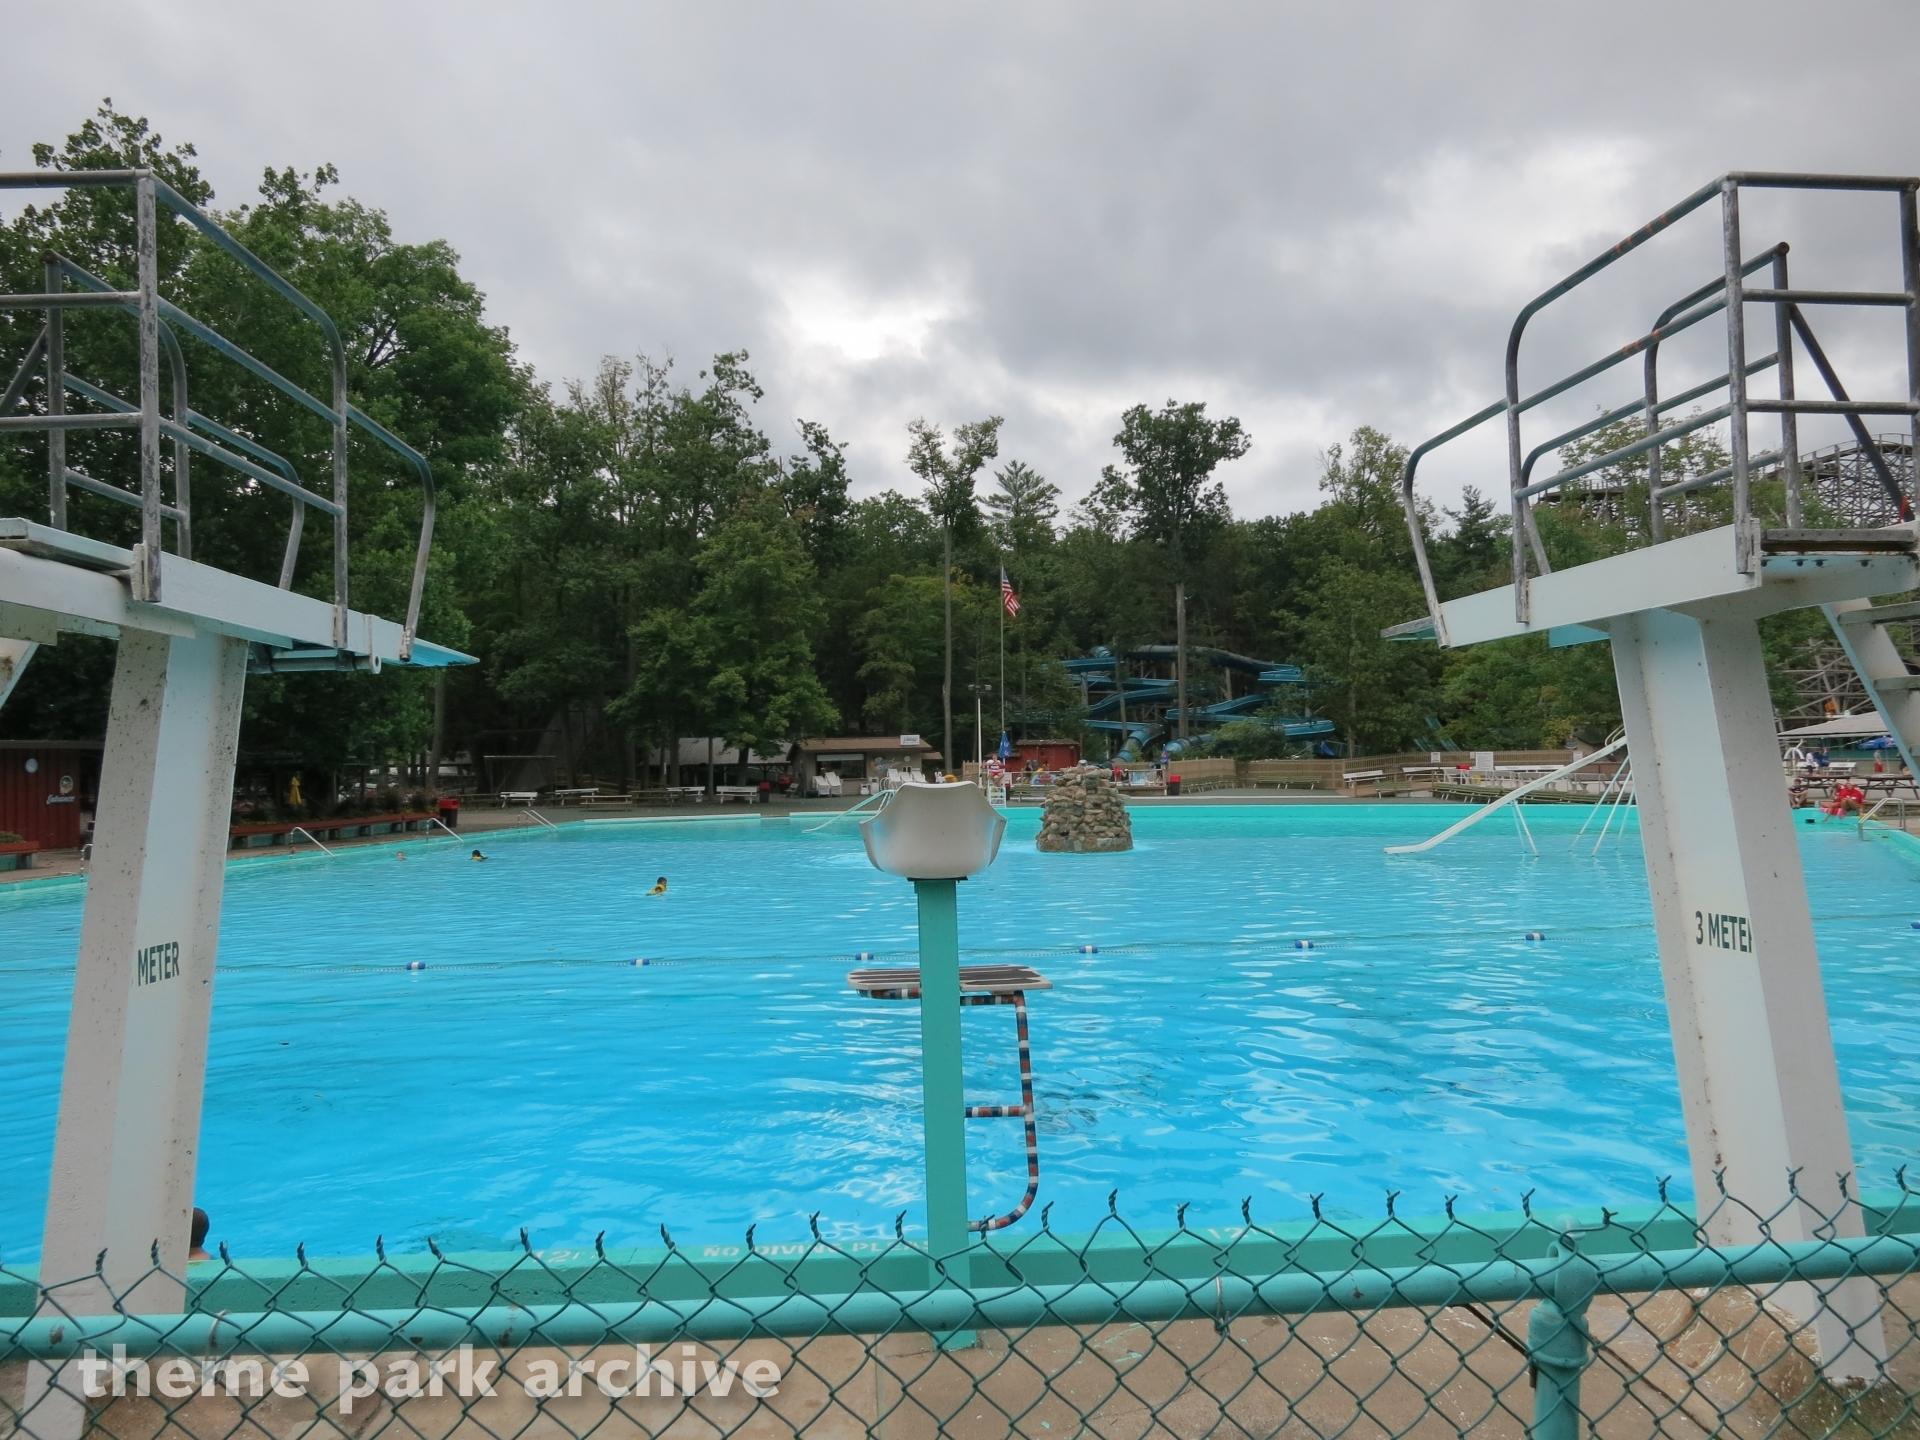 Crystal Pool at Knoebels Amusement Resort